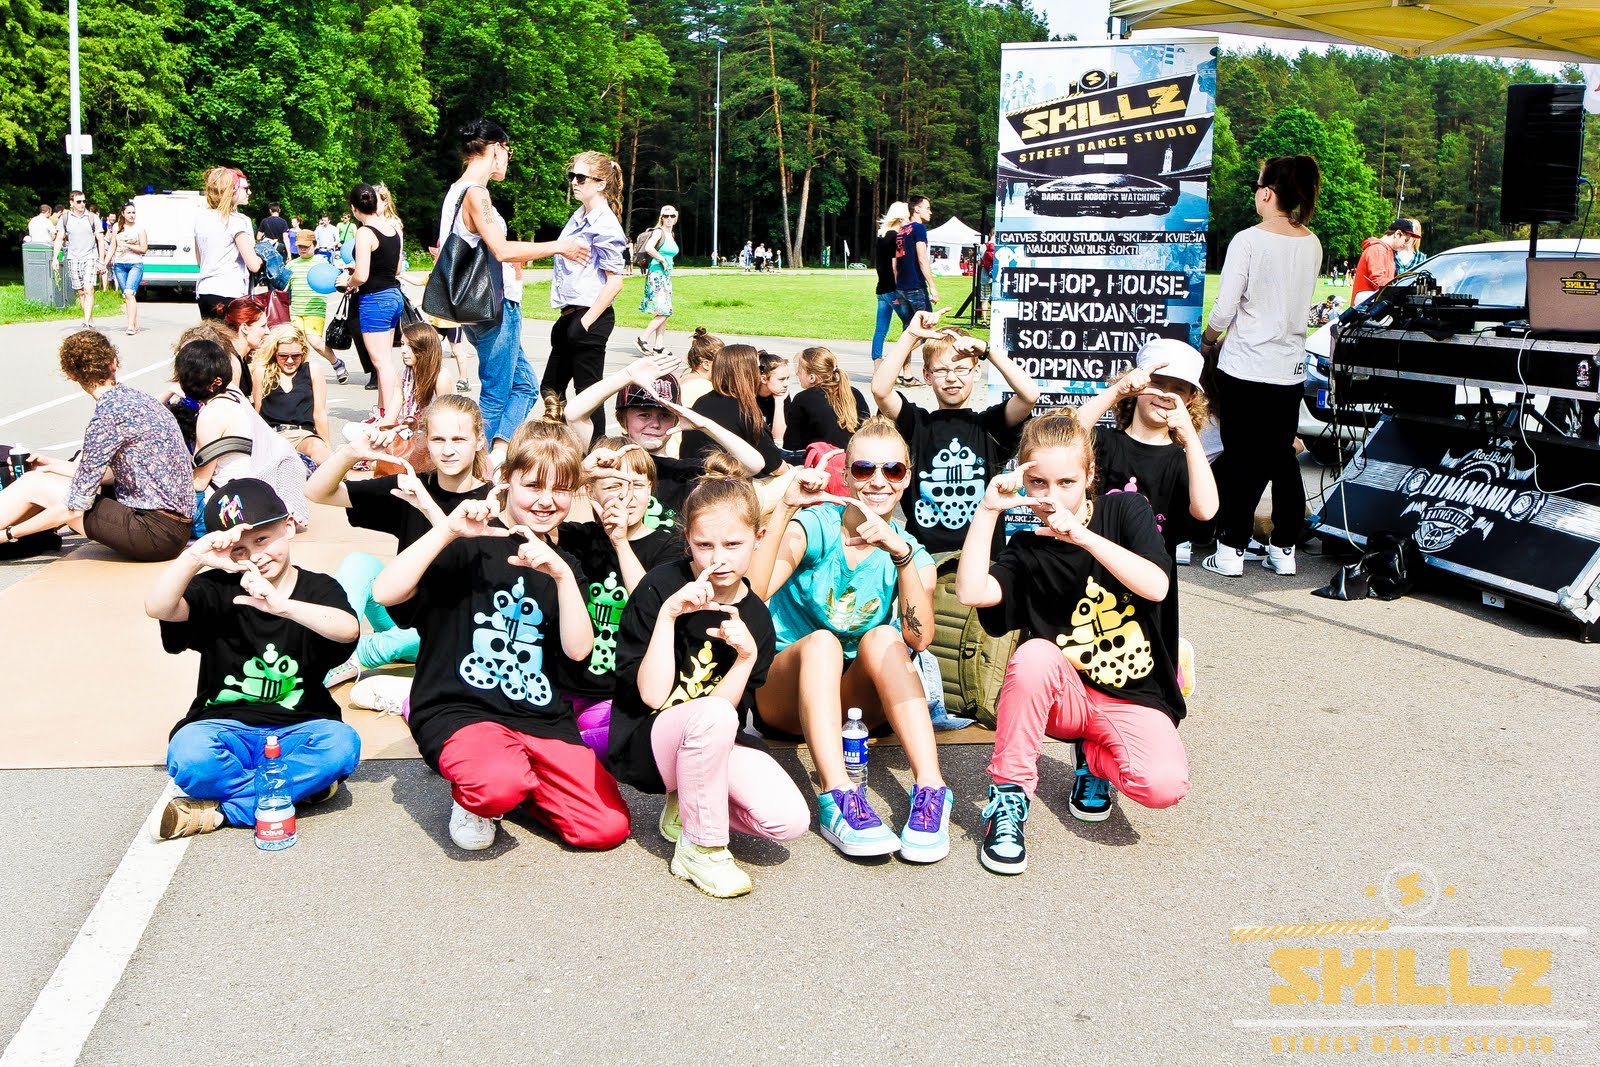 Vaiku ginimo dienos jamas Vingyje - IMG_0099.JPG